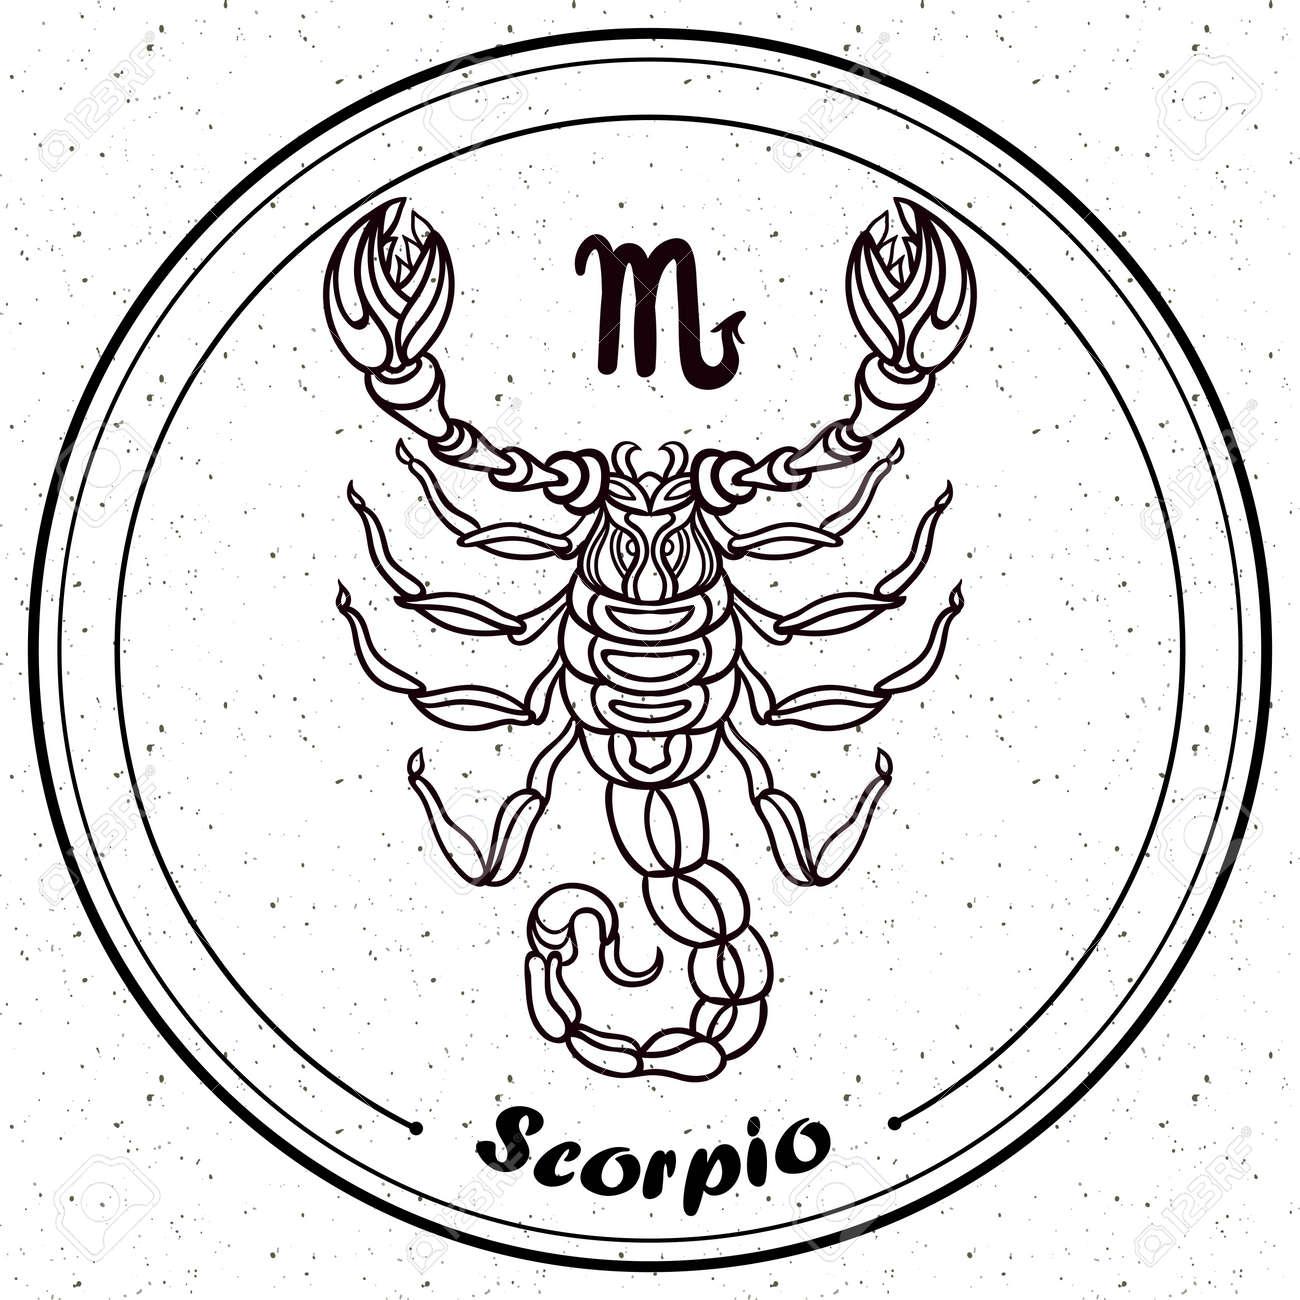 Detaillierte Skorpion In Aztekischer Filigrane Linie Art-Stil ...